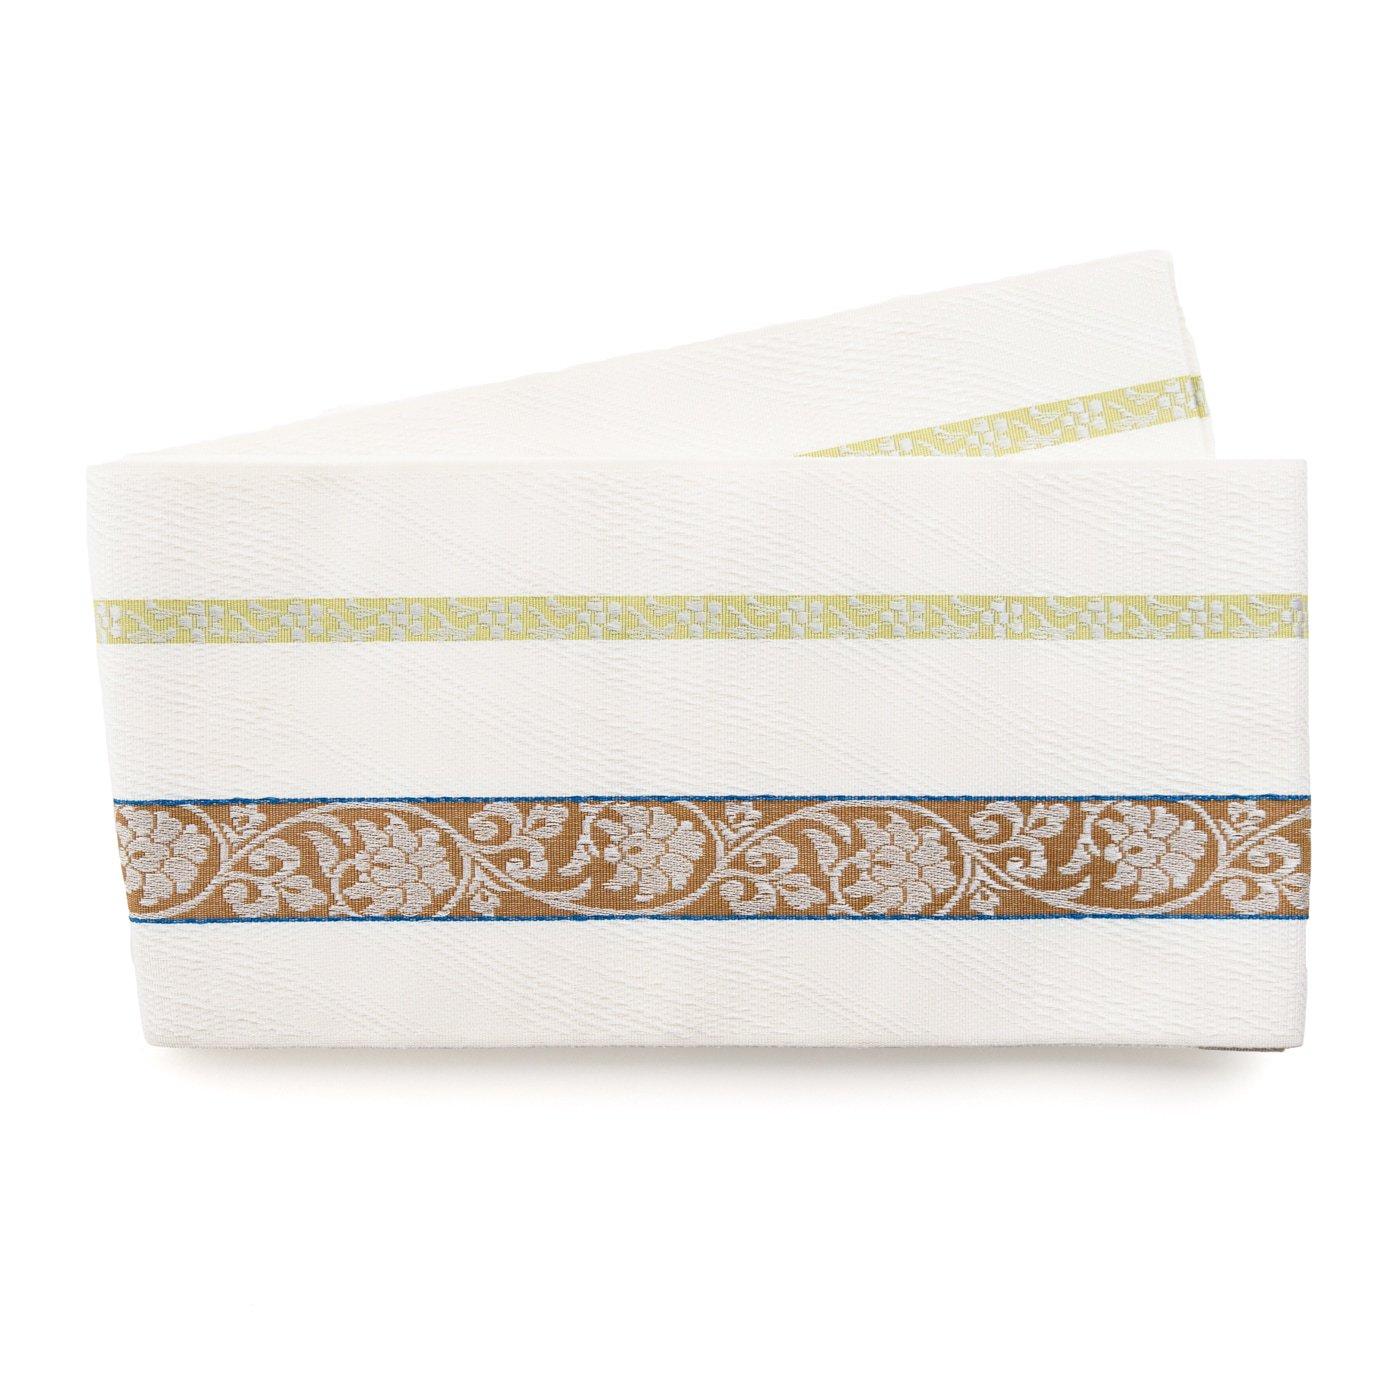 「博多小袋帯 唐花と梅鉢」の商品画像